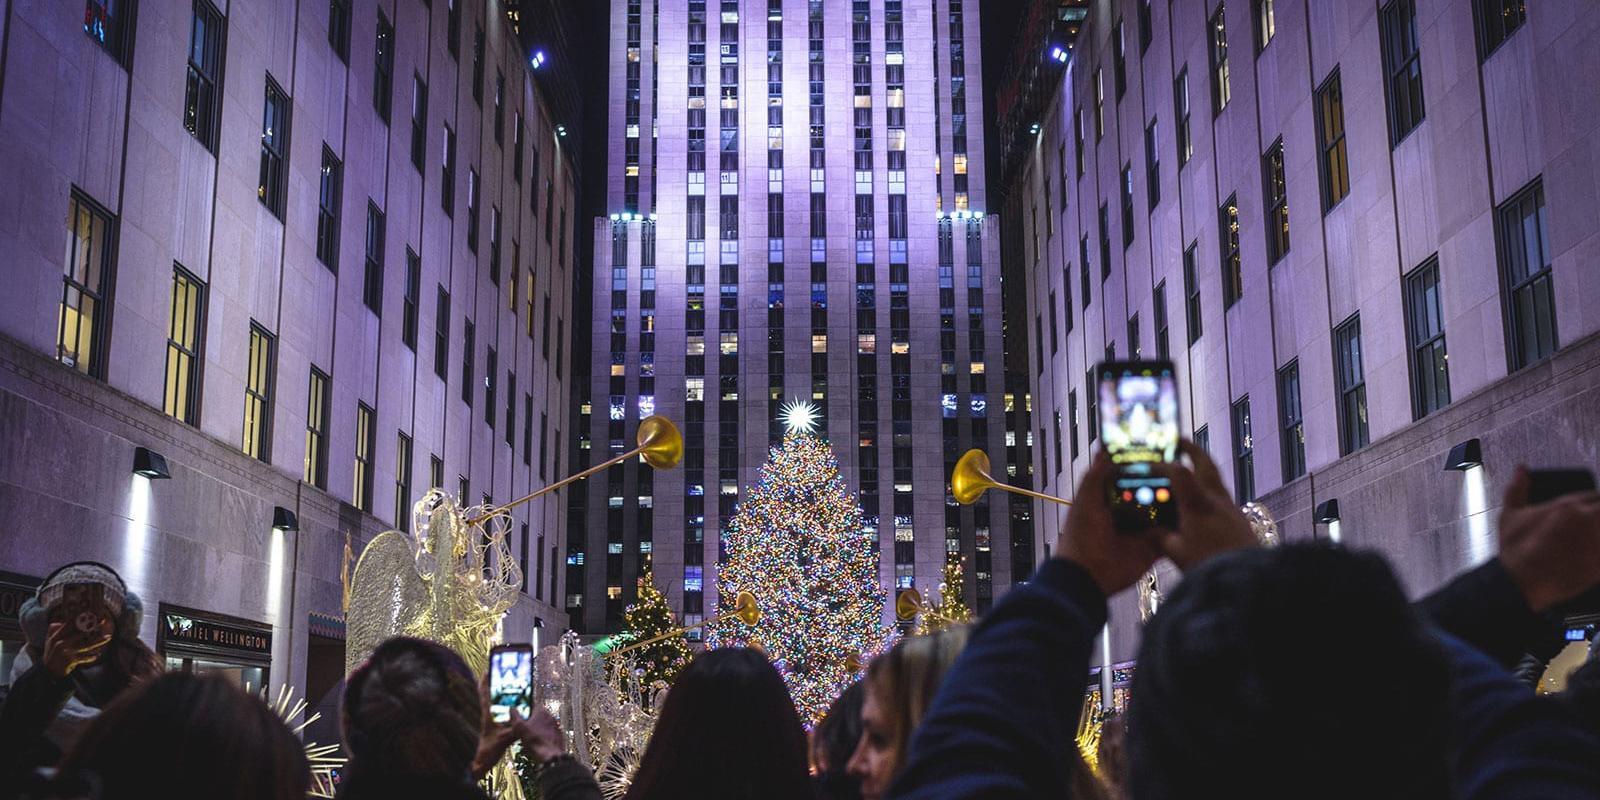 New York Christmas Tree at Rockefeller Center